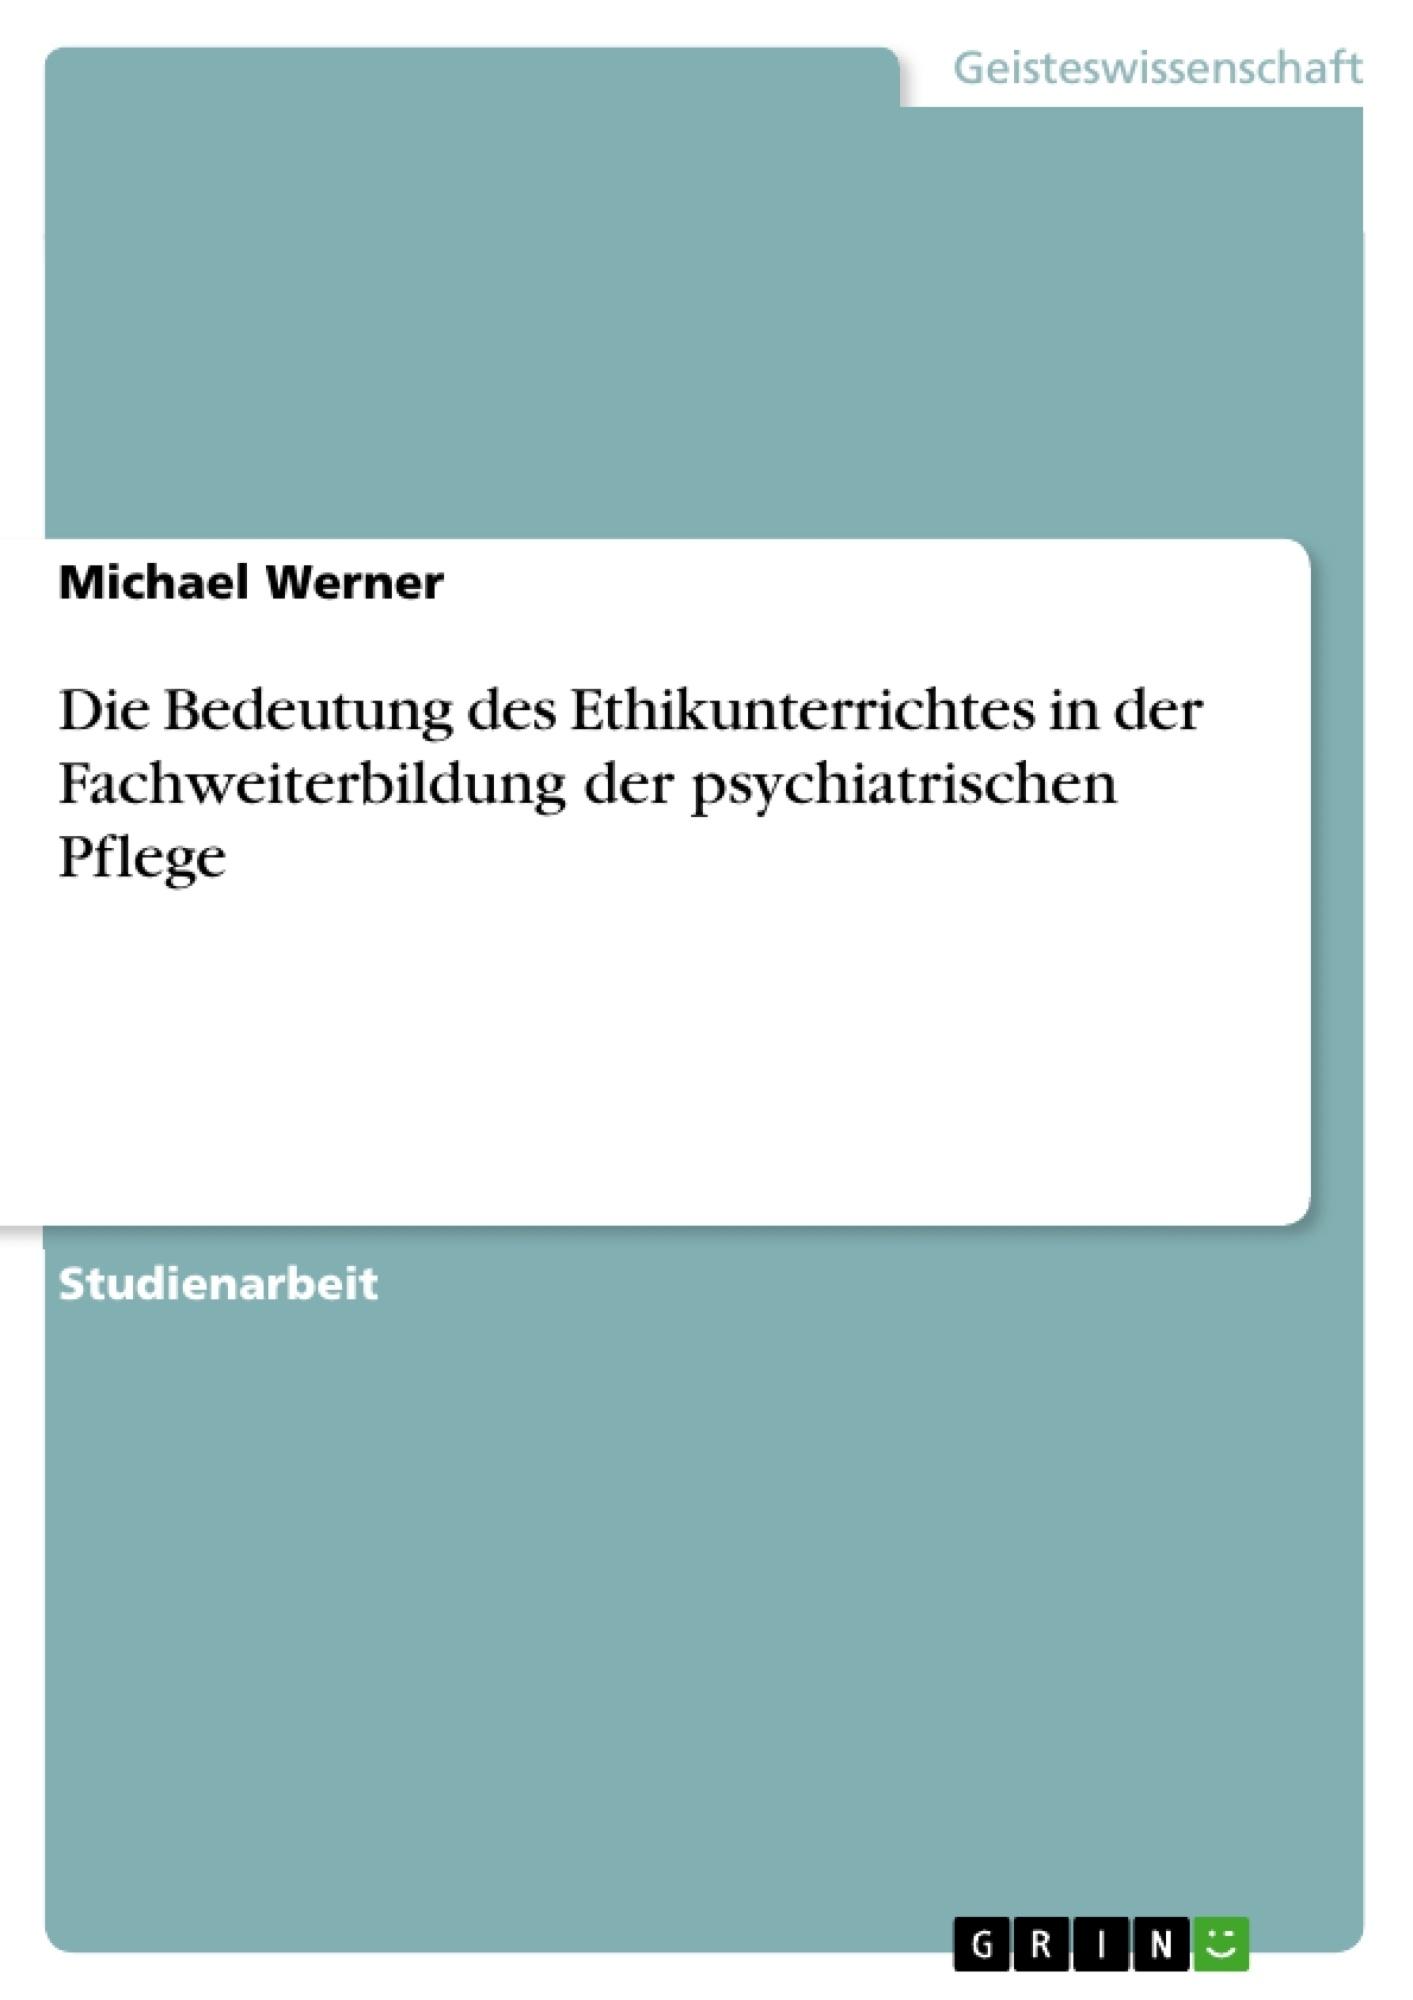 Titel: Die Bedeutung des Ethikunterrichtes in der Fachweiterbildung der psychiatrischen Pflege